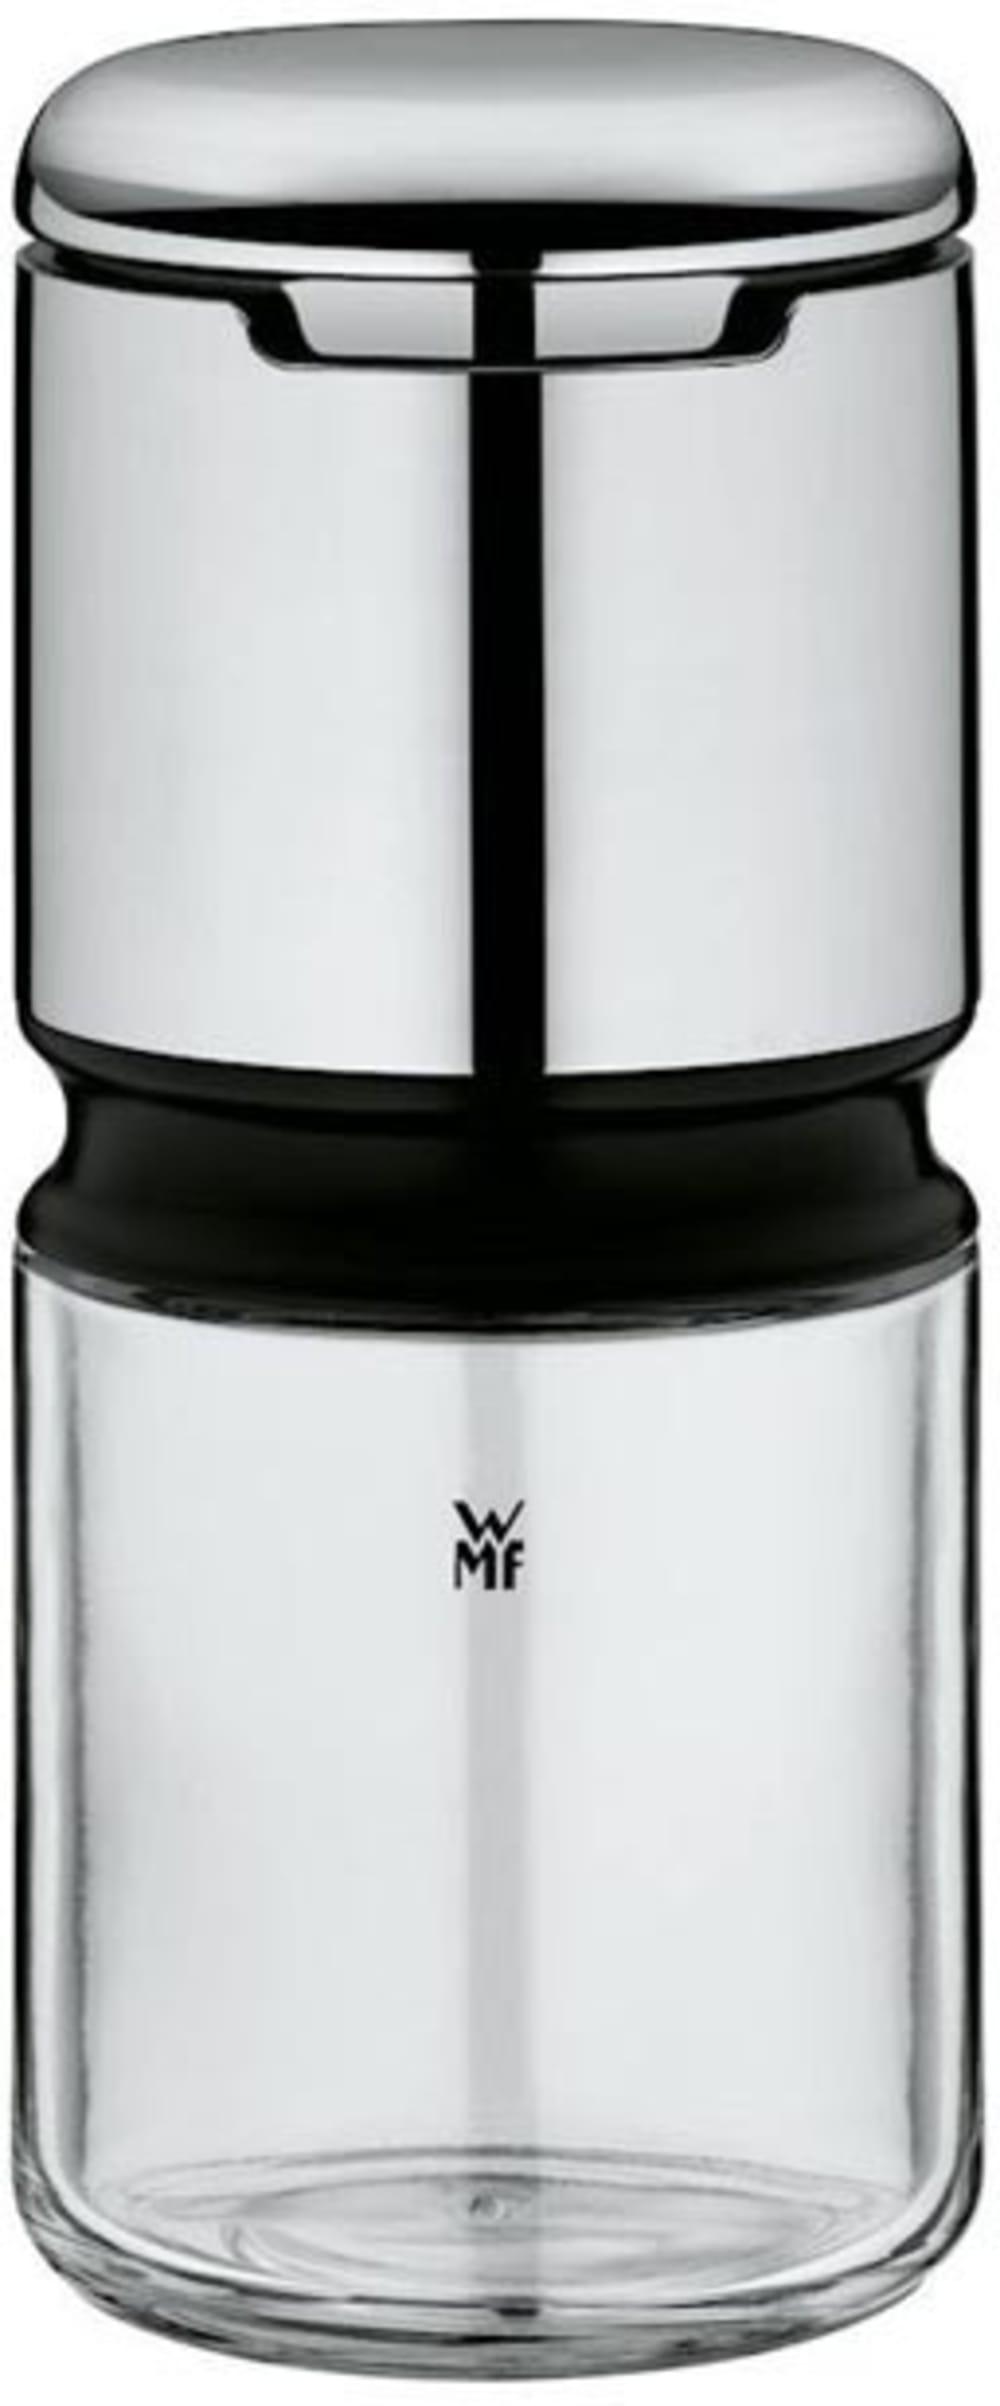 WMF - Młynek do przypraw, stalowy, Depot